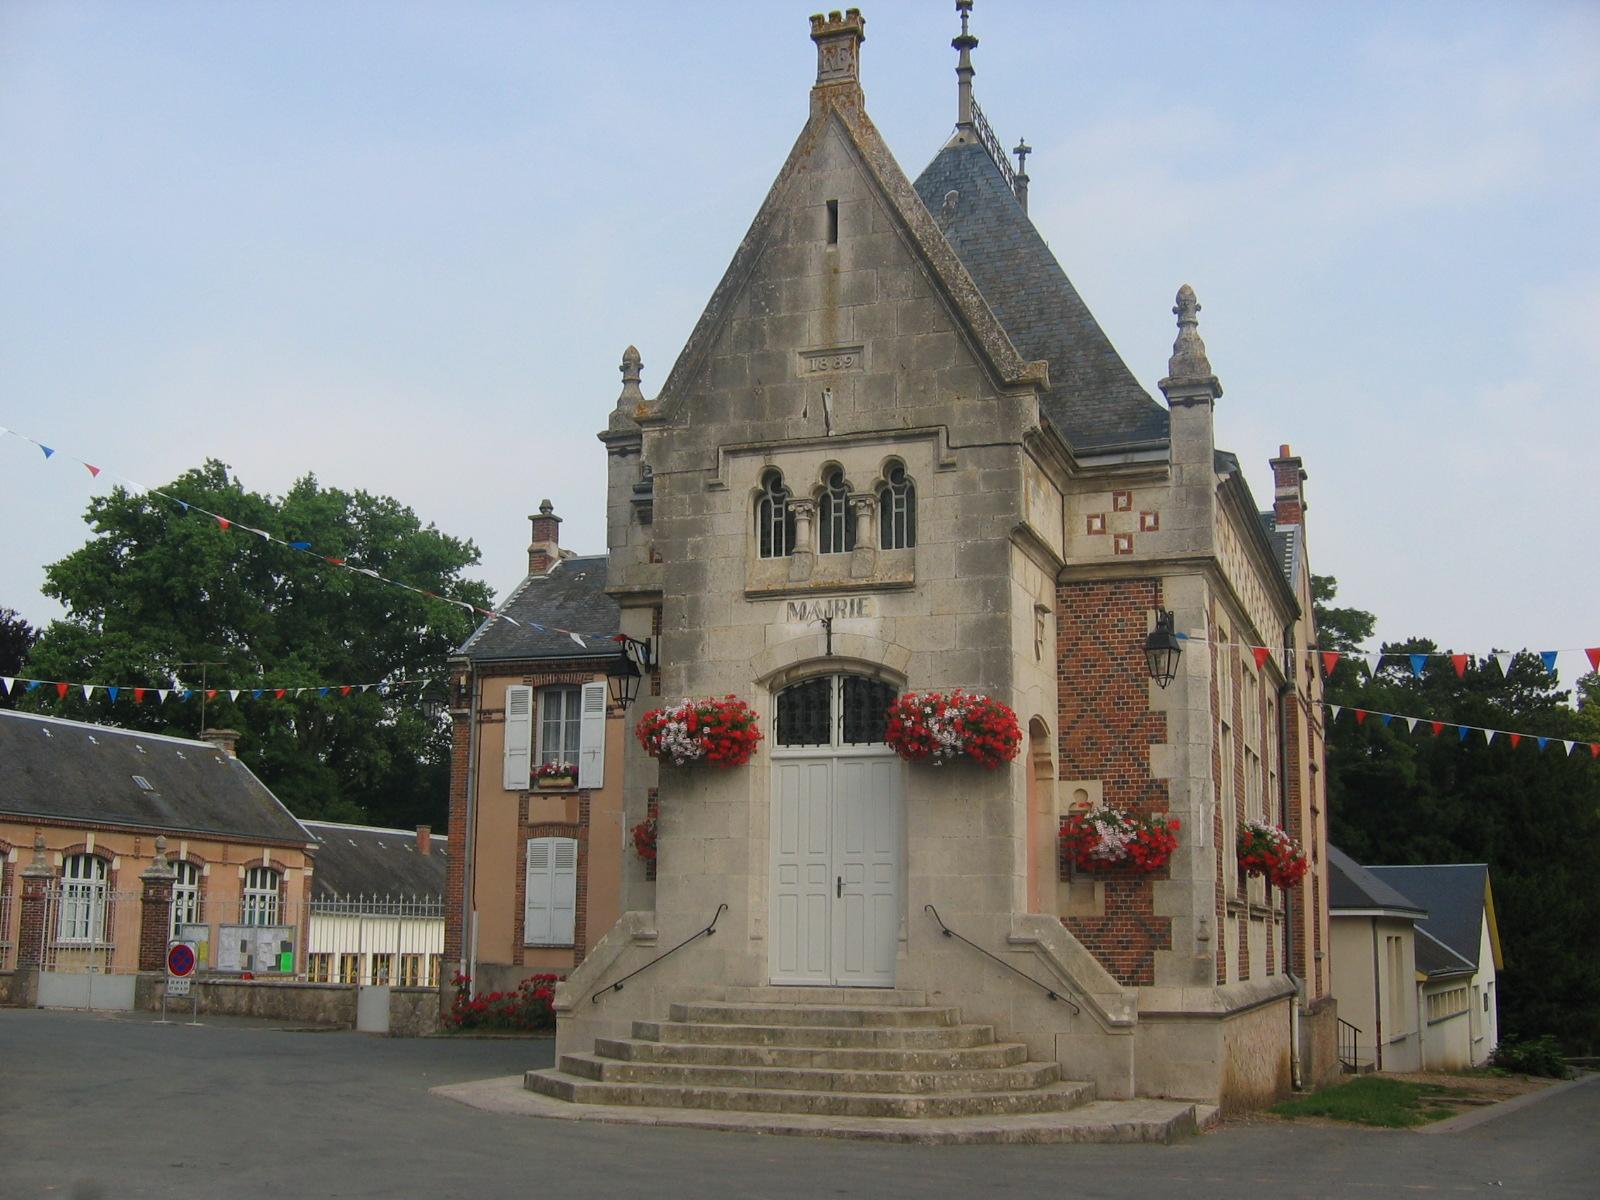 Béville-le-Comte